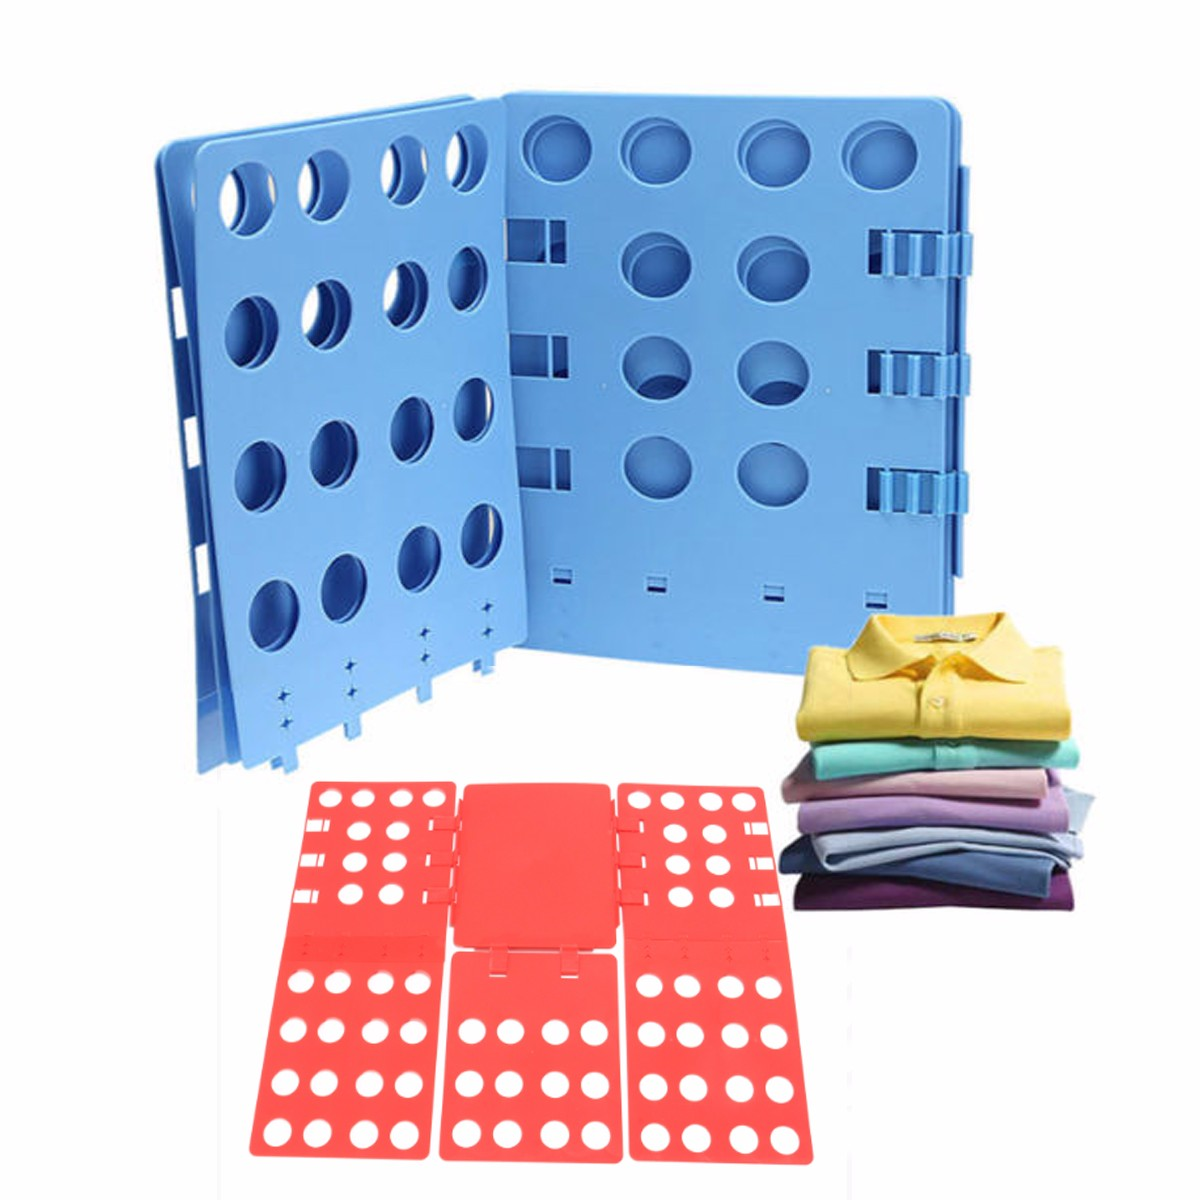 Taille adulte Vêtements Pliant Conseil D'économiser Temps Multifuncitonal Magique Rapide Vitesse T-Shirt Vêtements Facile Fold Organiser 69x56 cm